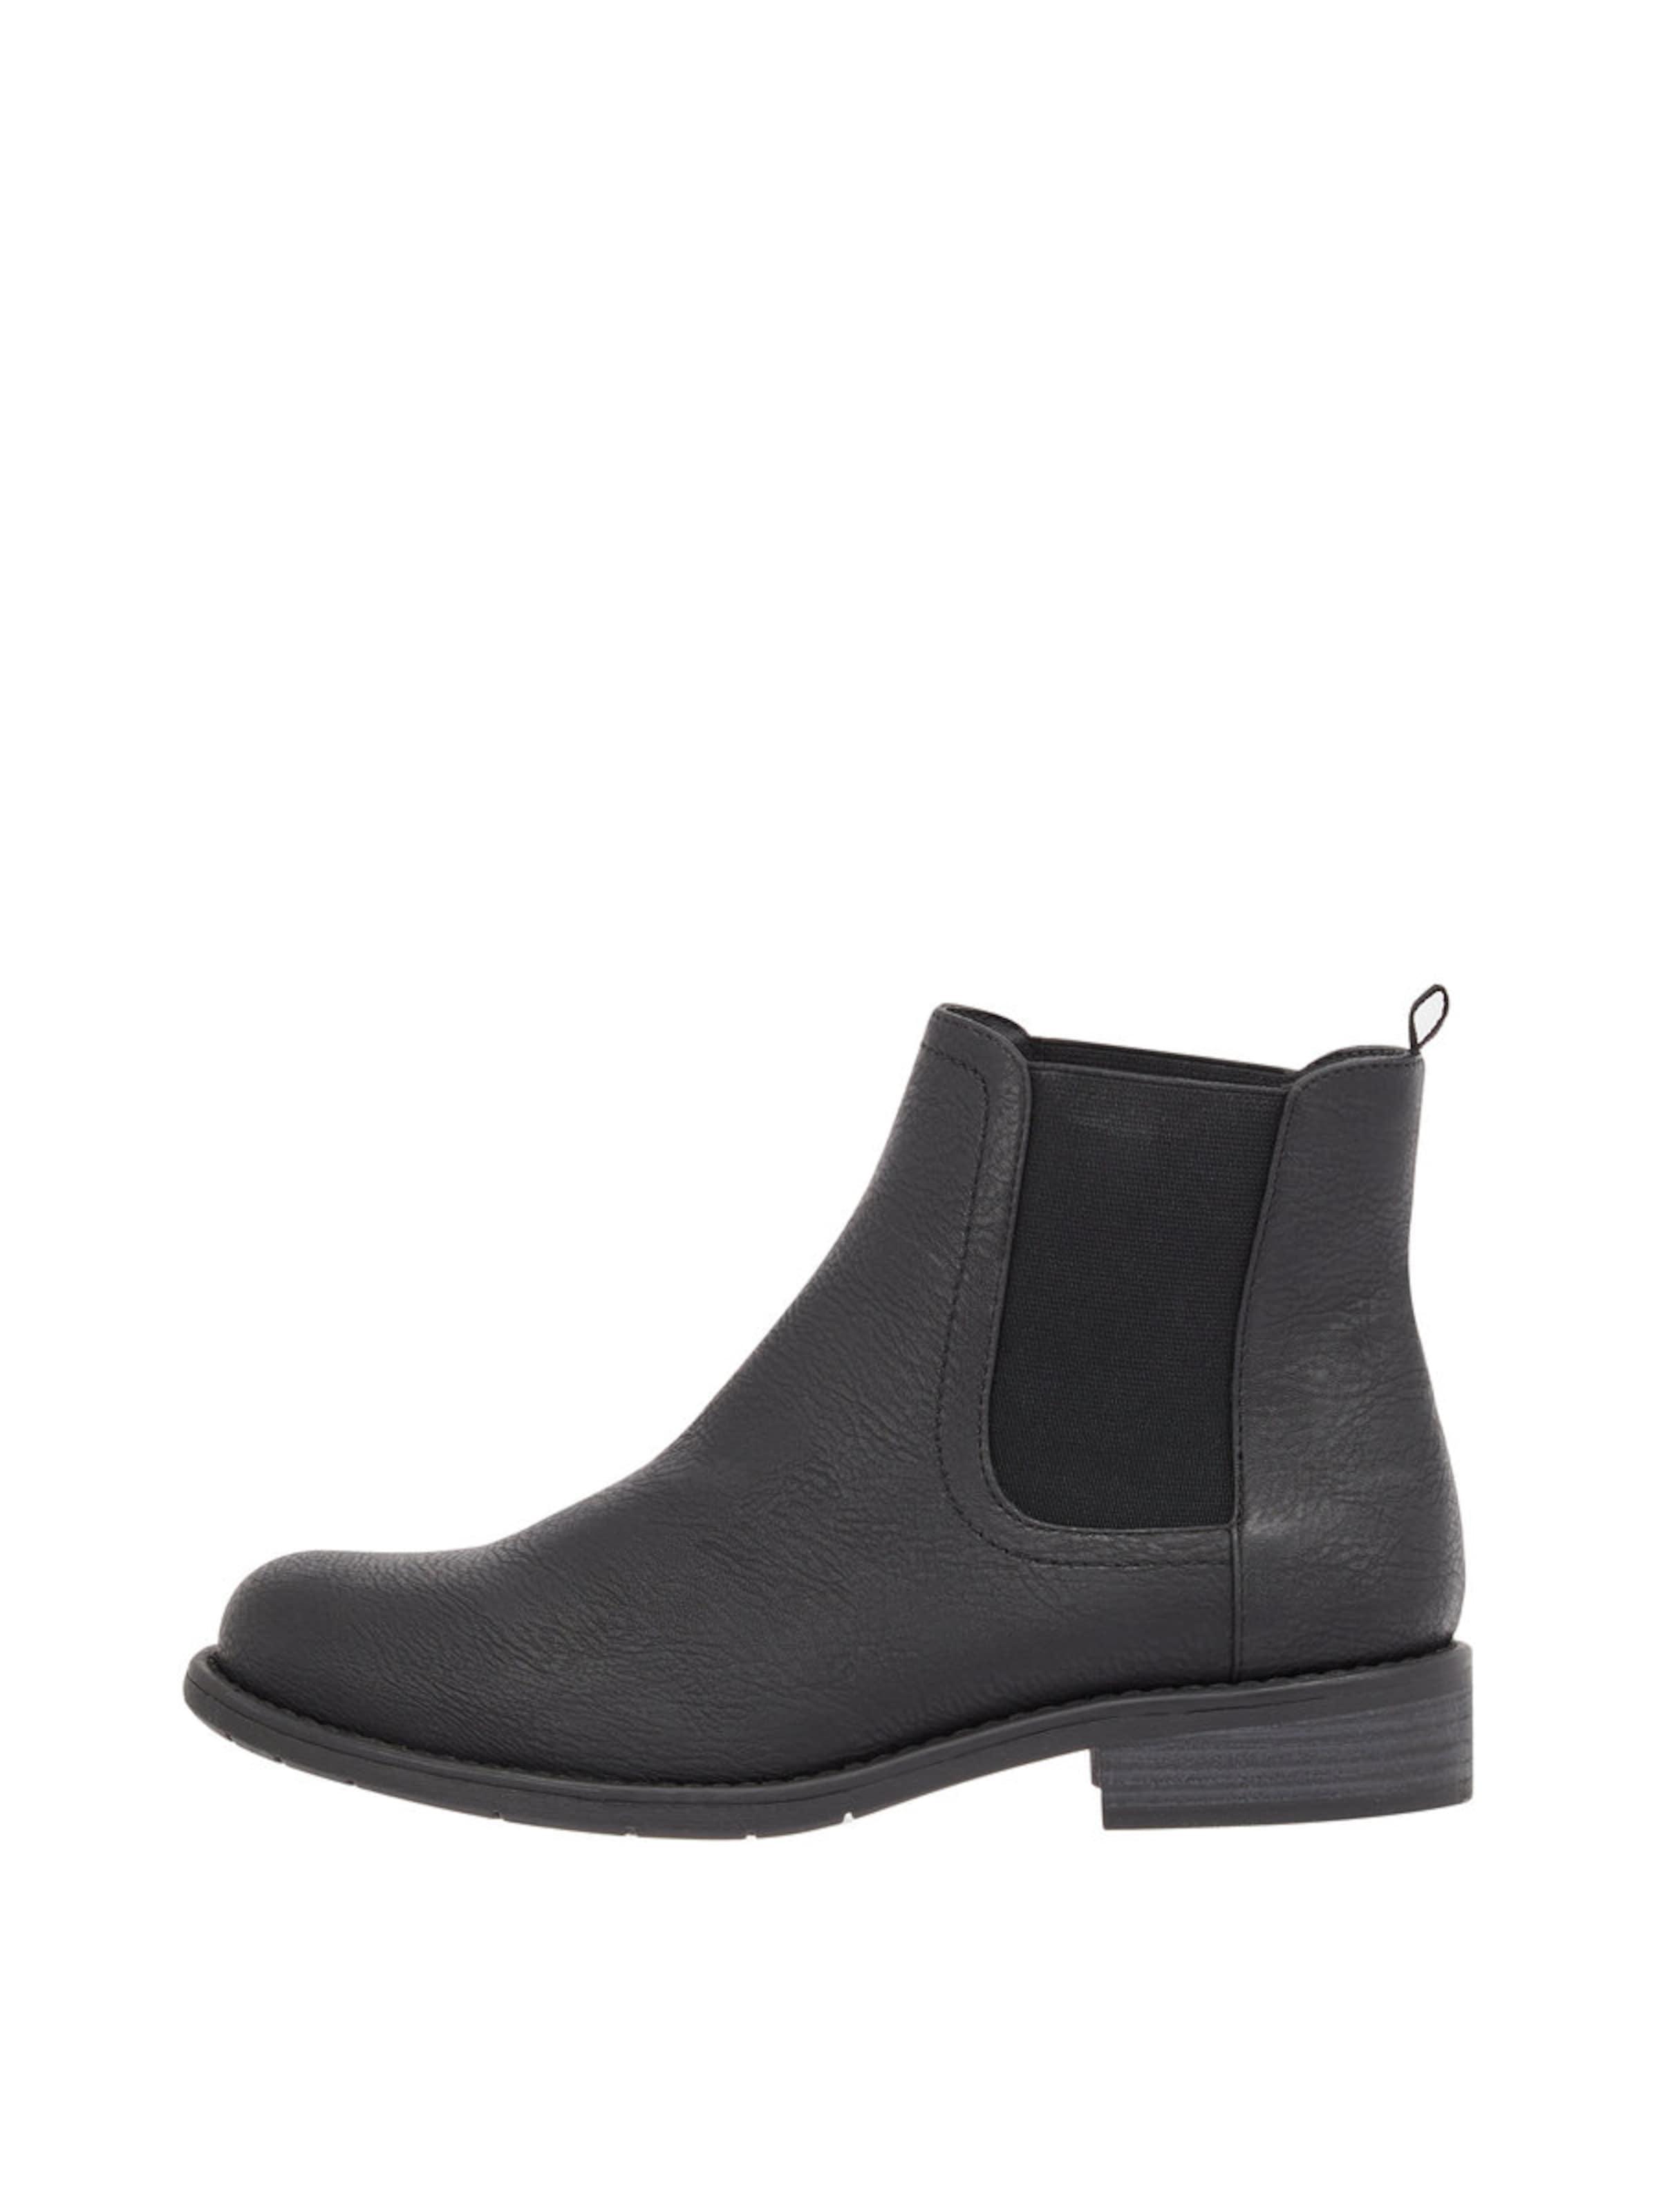 Bianco Ankle Boots Chelsea Verschleißfeste billige Schuhe